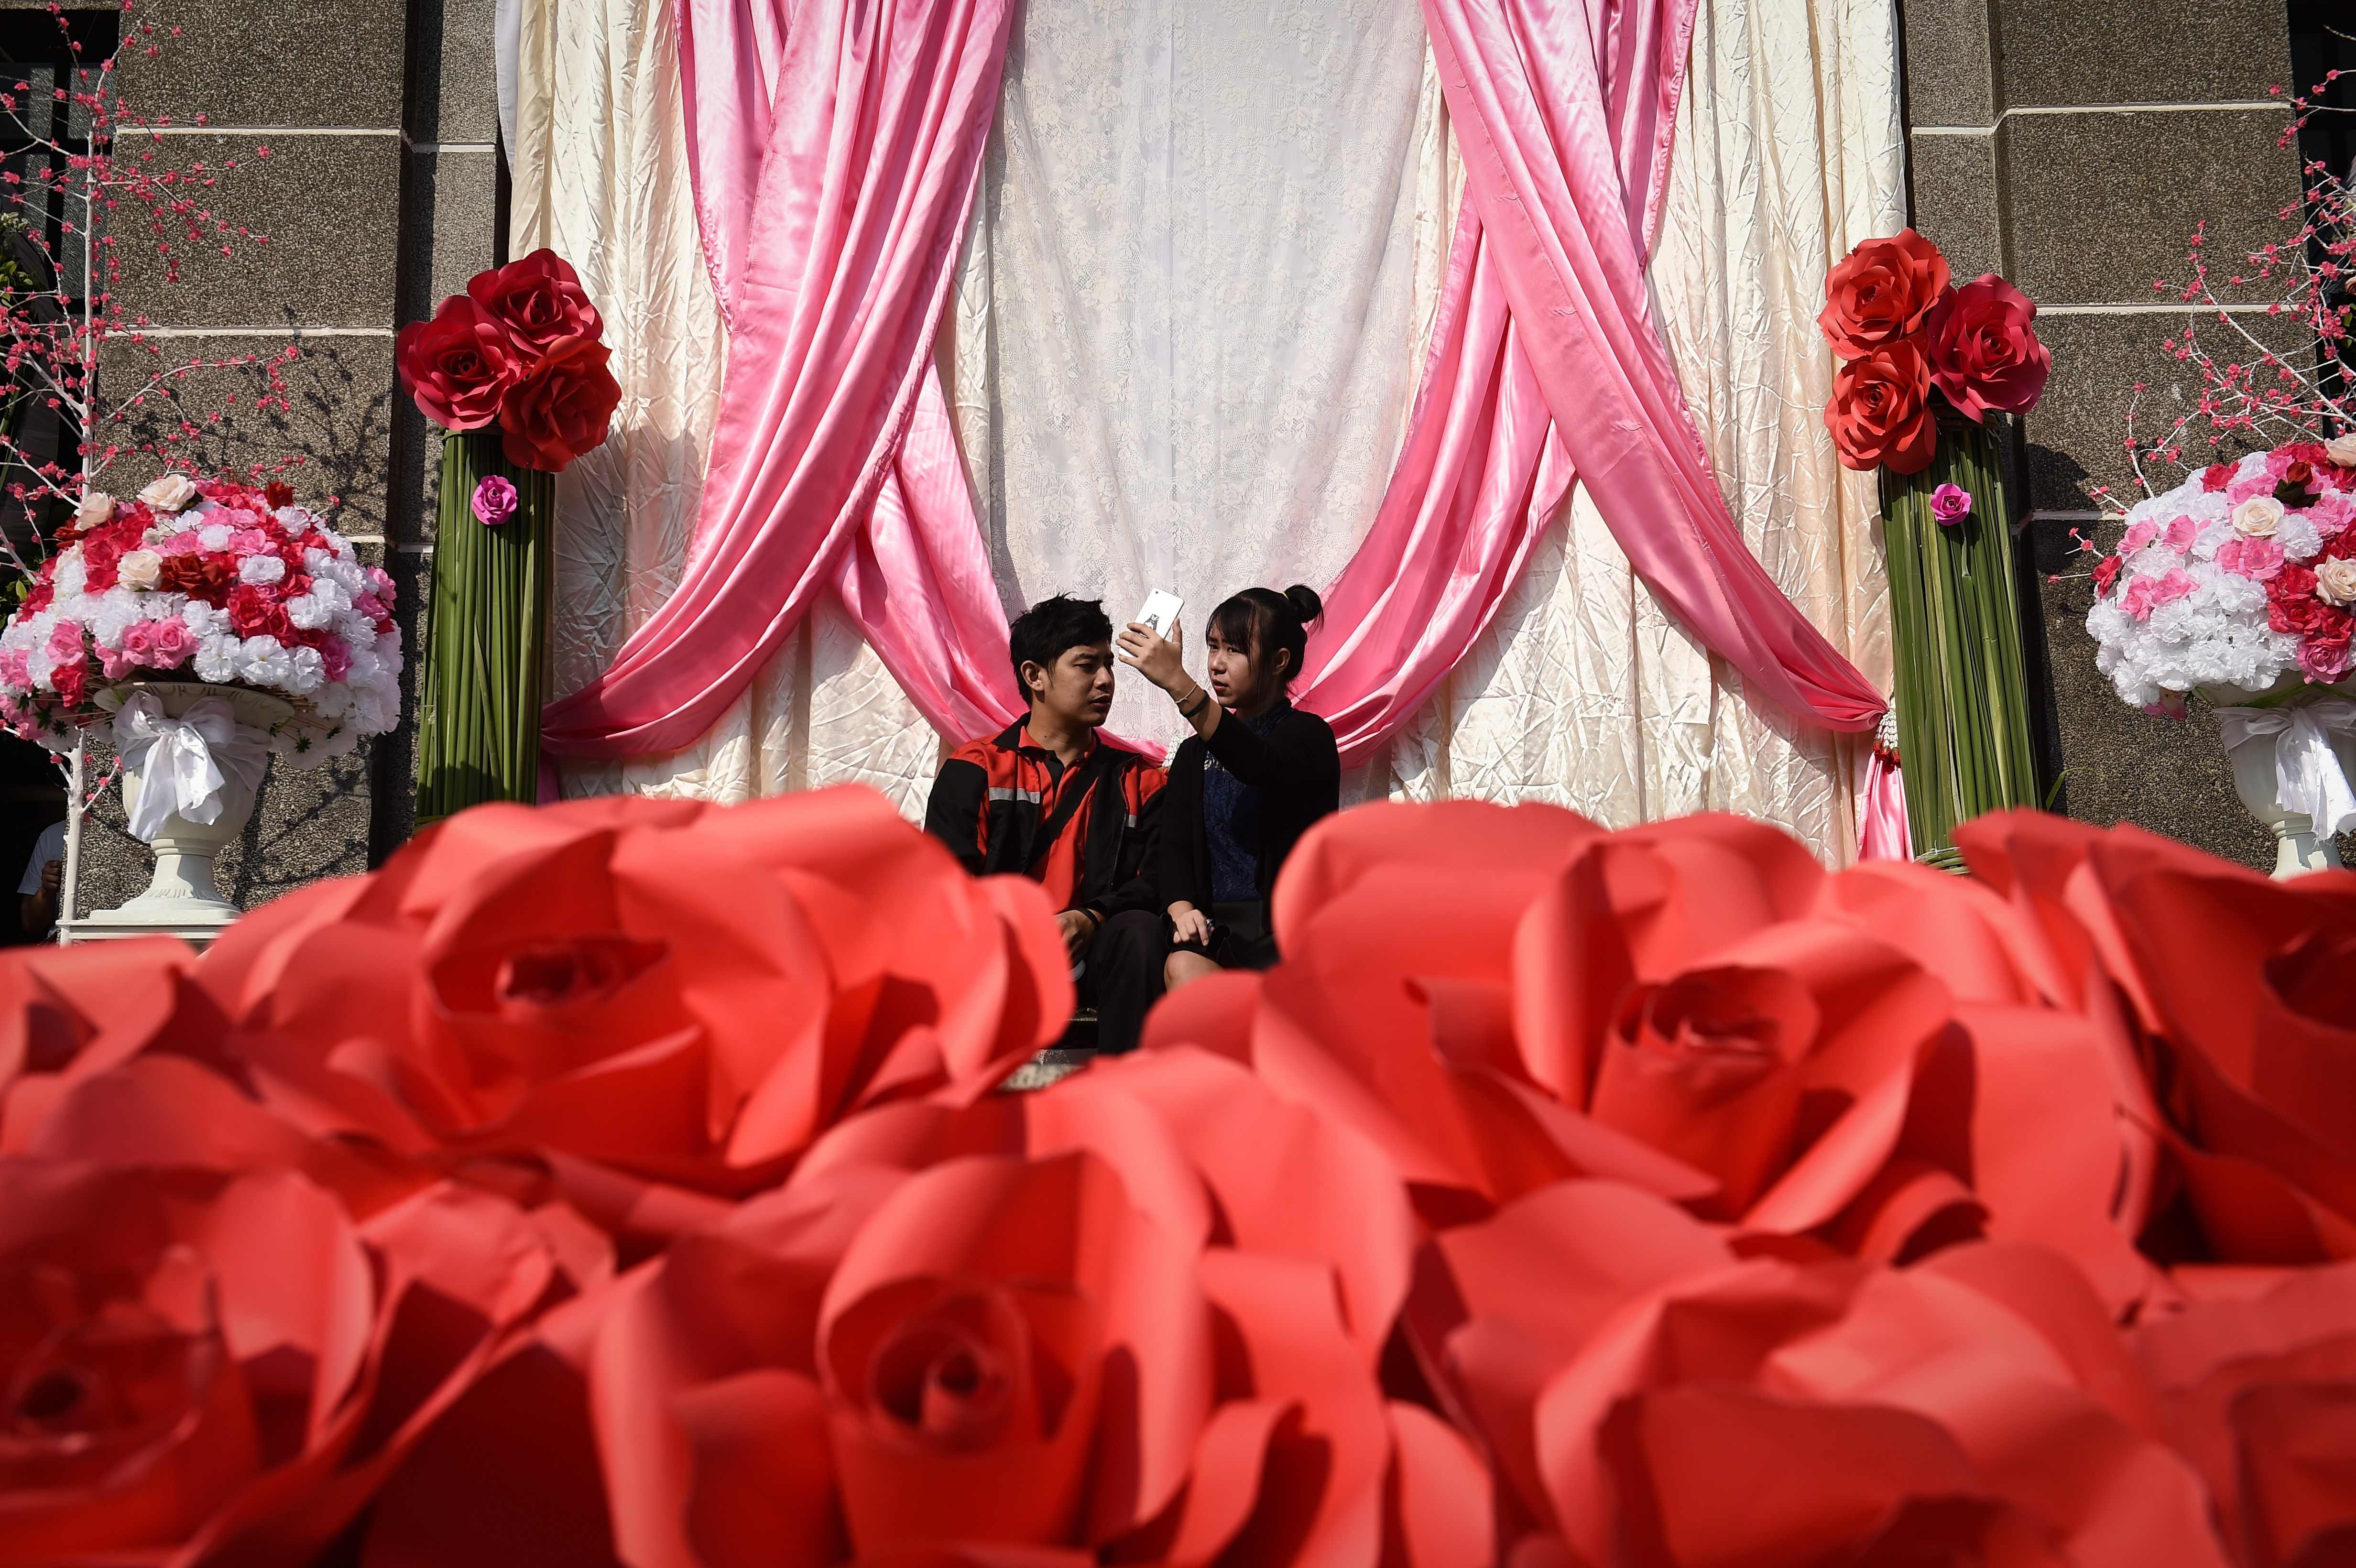 الورد الأحمر فى تايلاند